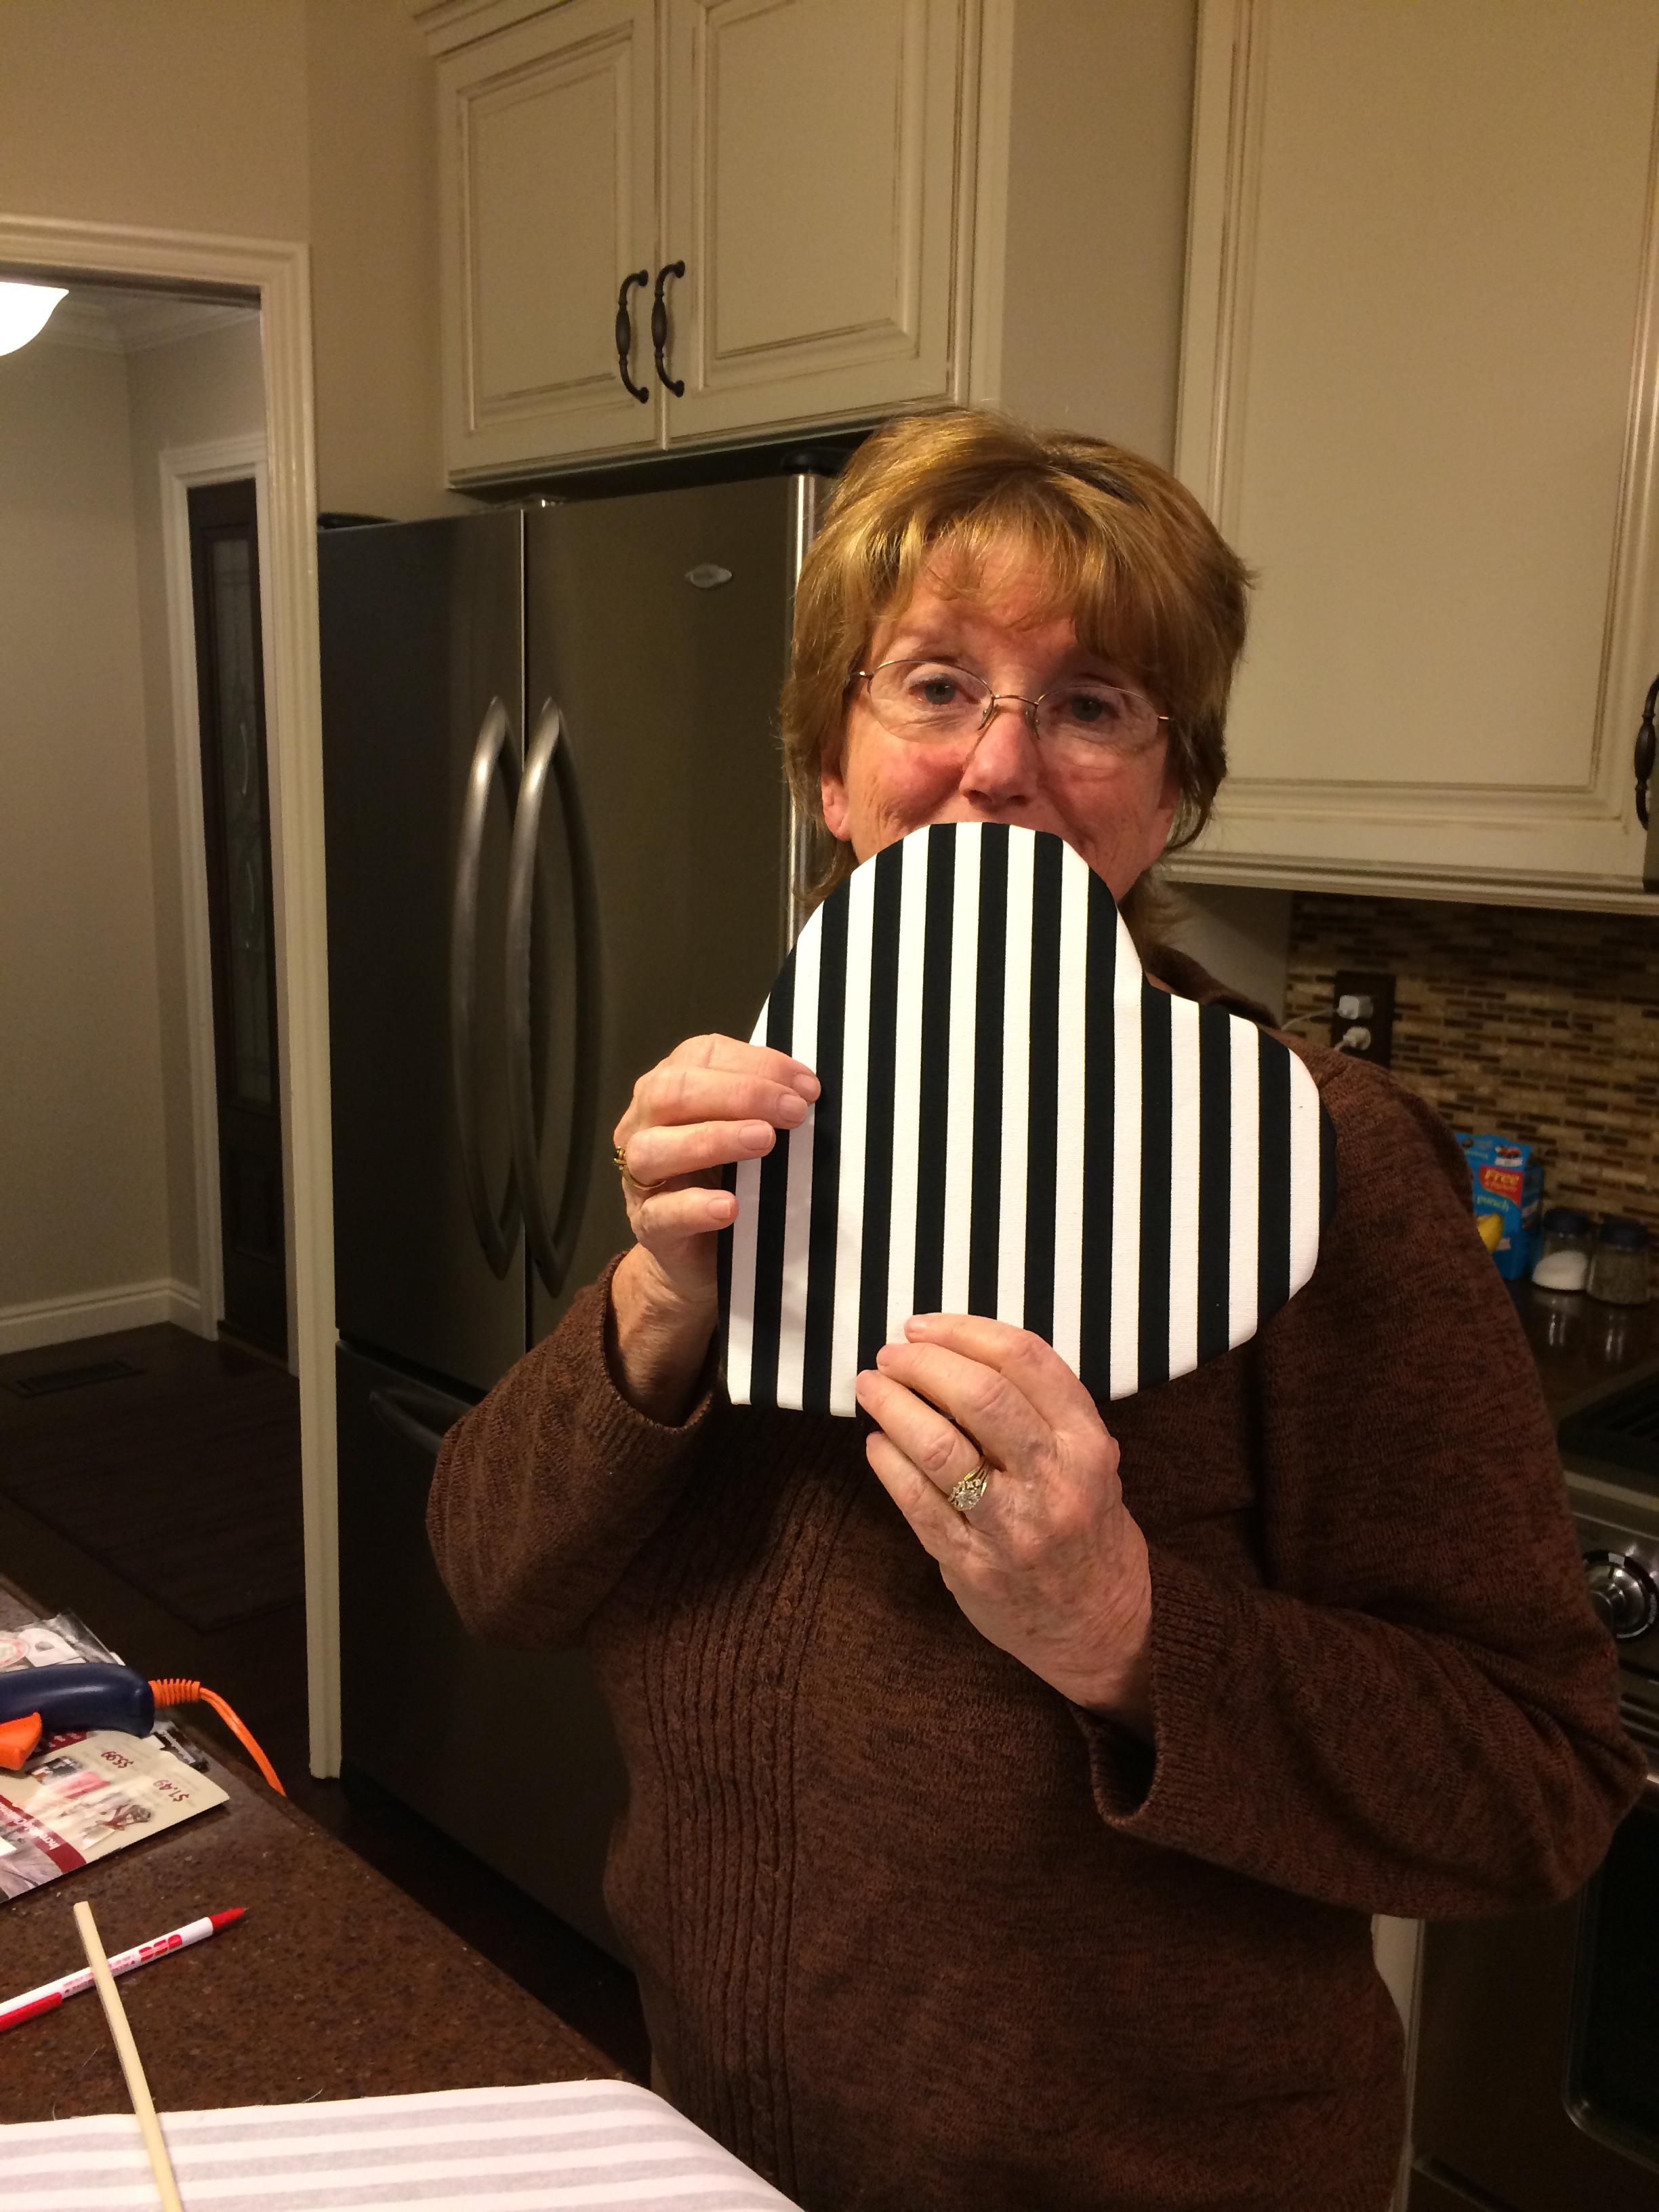 Pinboards Nov. 19, 2014 05